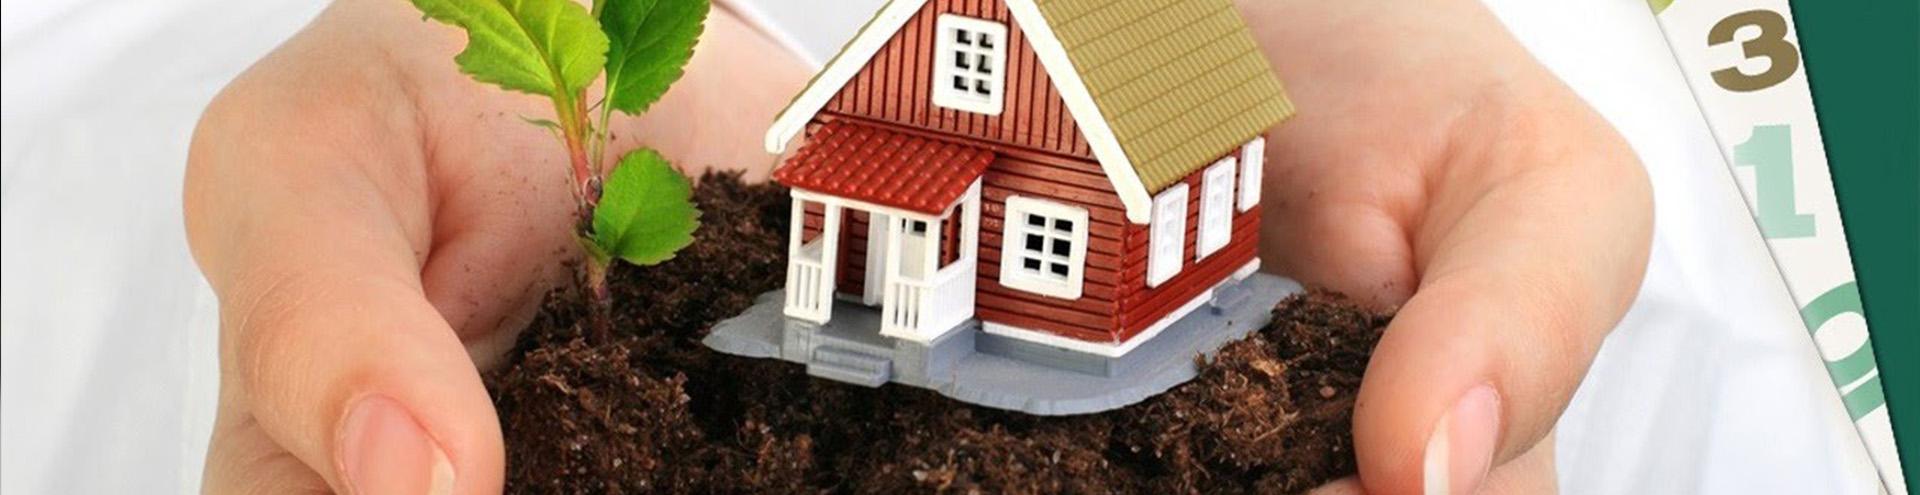 Признание права собственности в Уфе и Республике Башкорстан